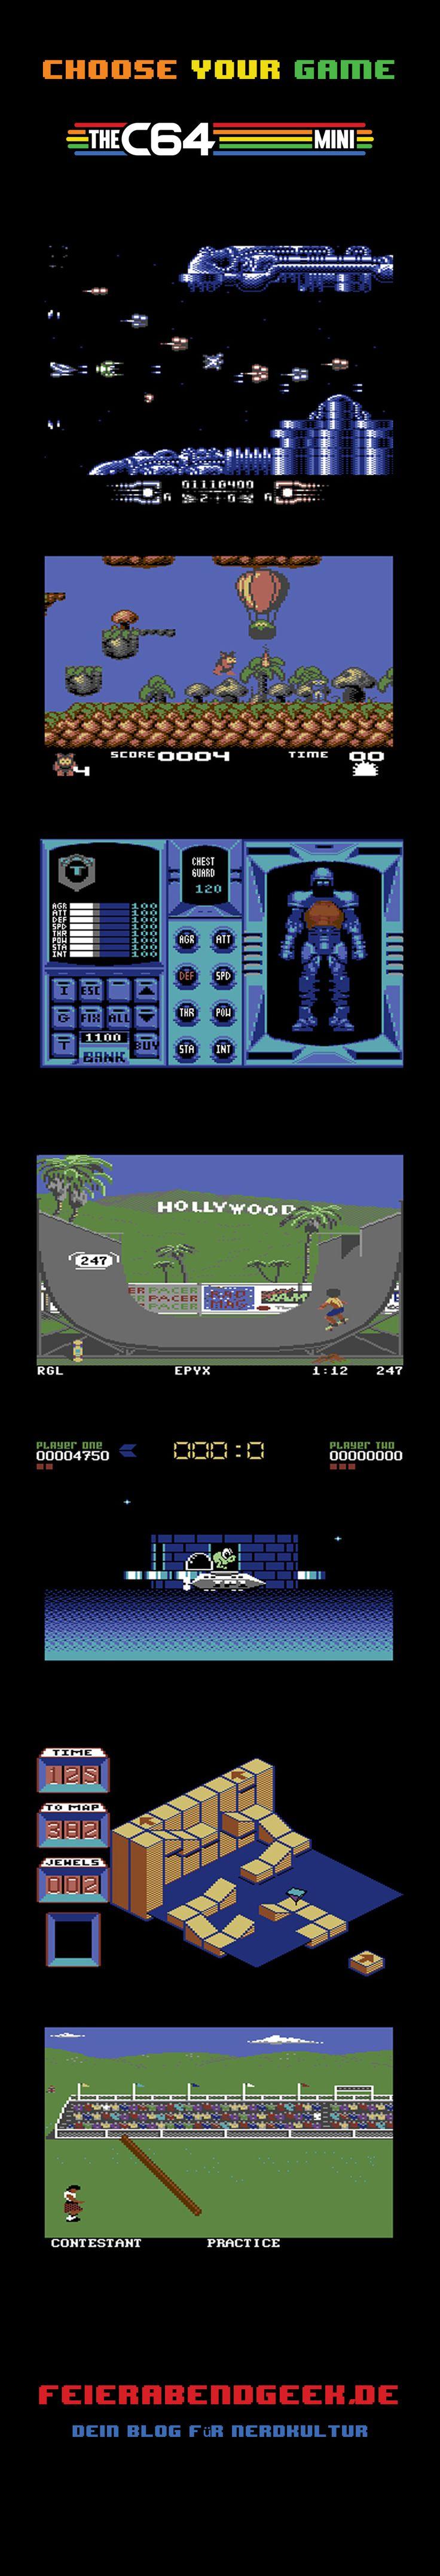 """""""The C64 Mini"""" bringt legendären Games des modore 64 zurück in dein Wohnzimmer"""